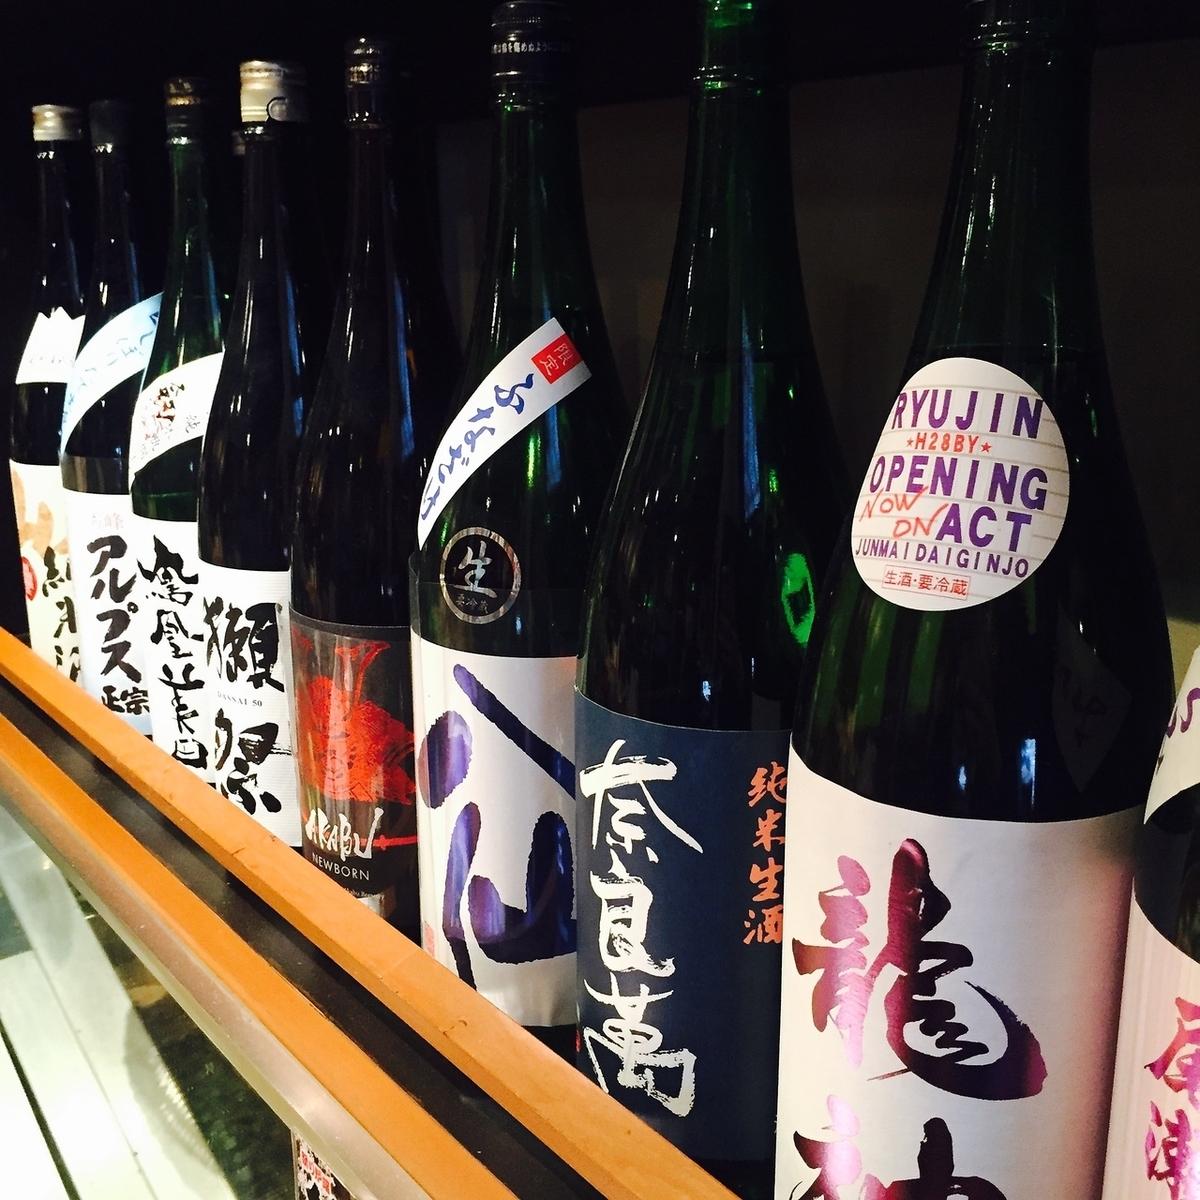 일본 술의 종류가 풍부 ♪